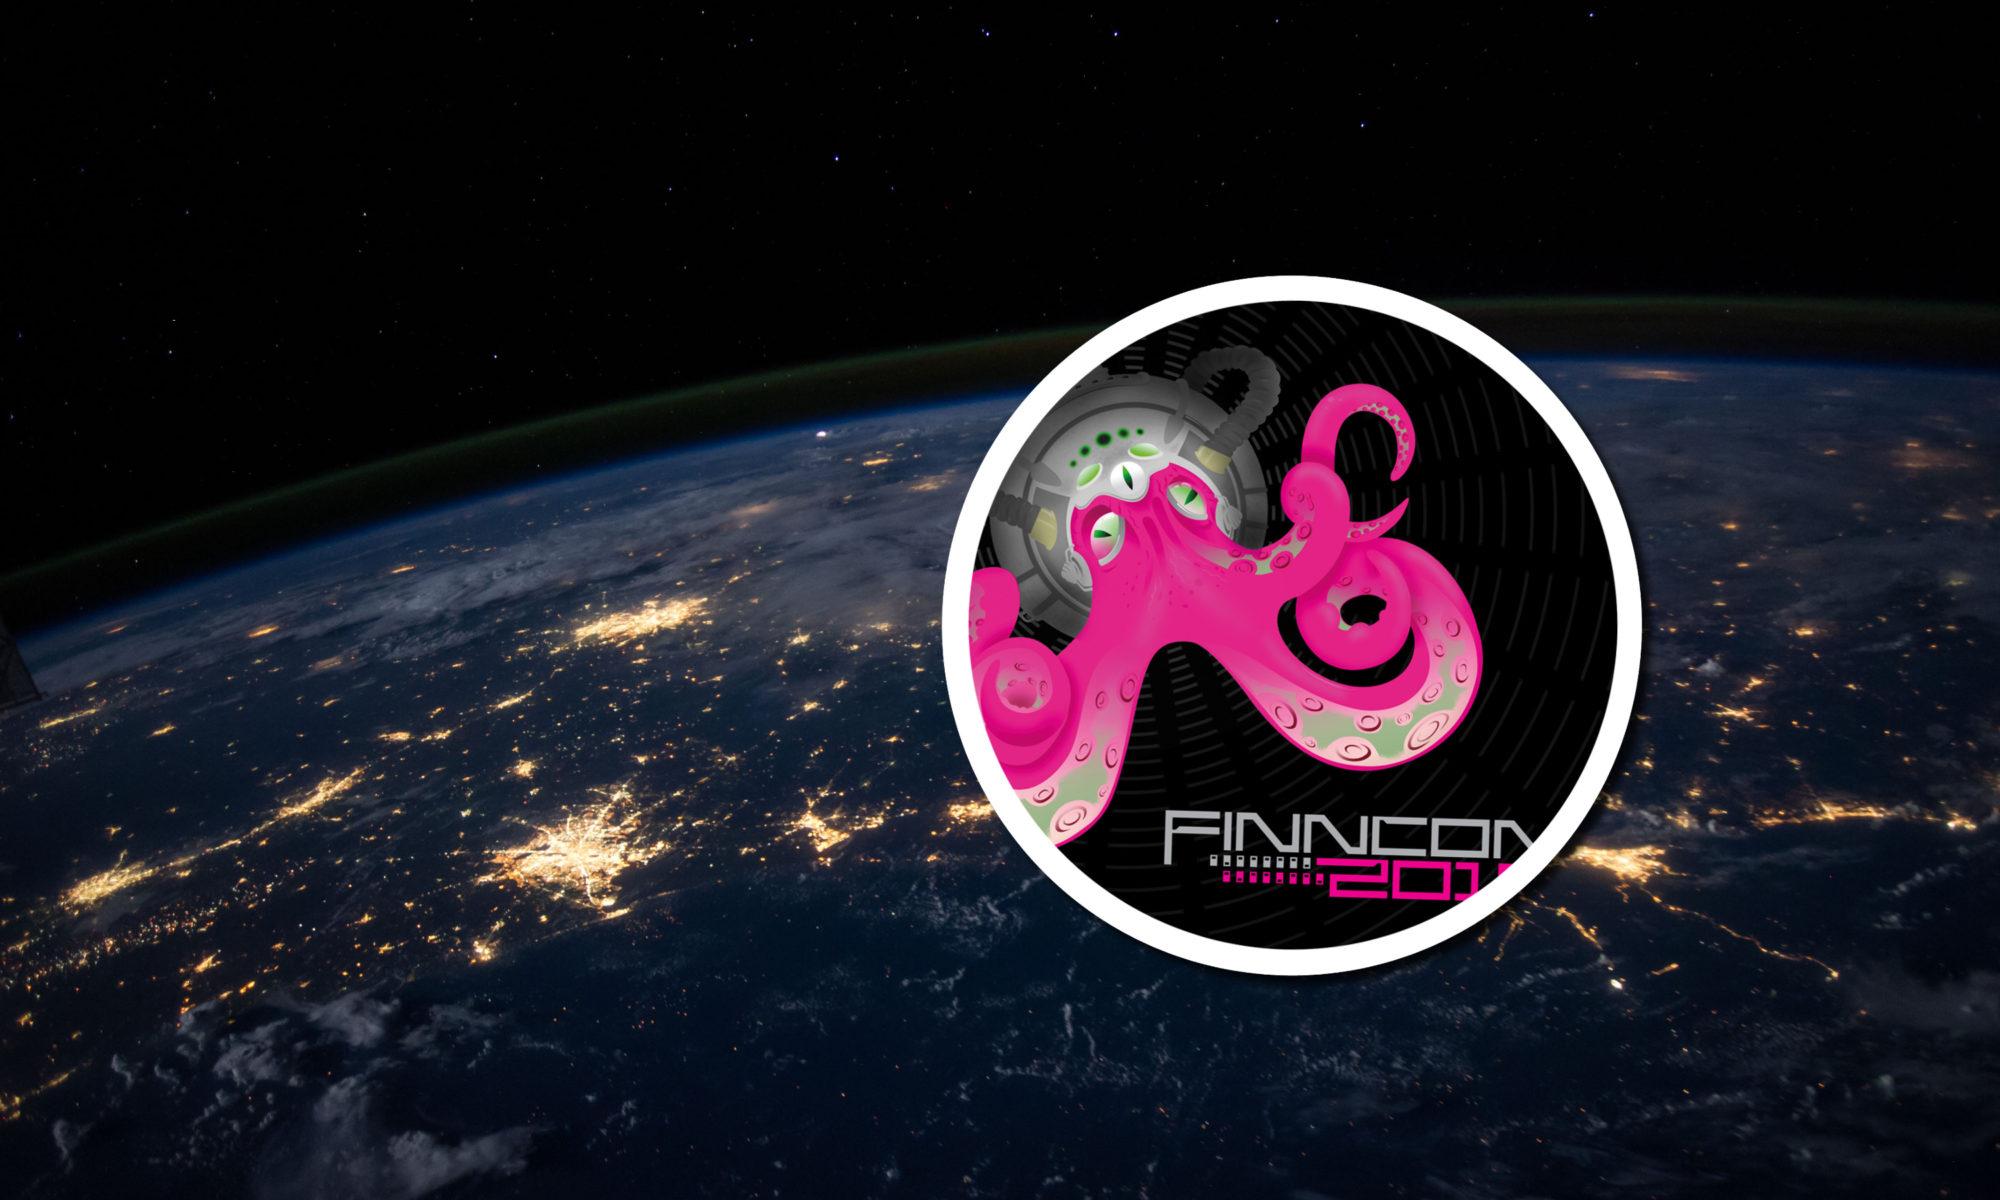 Finncon 2019